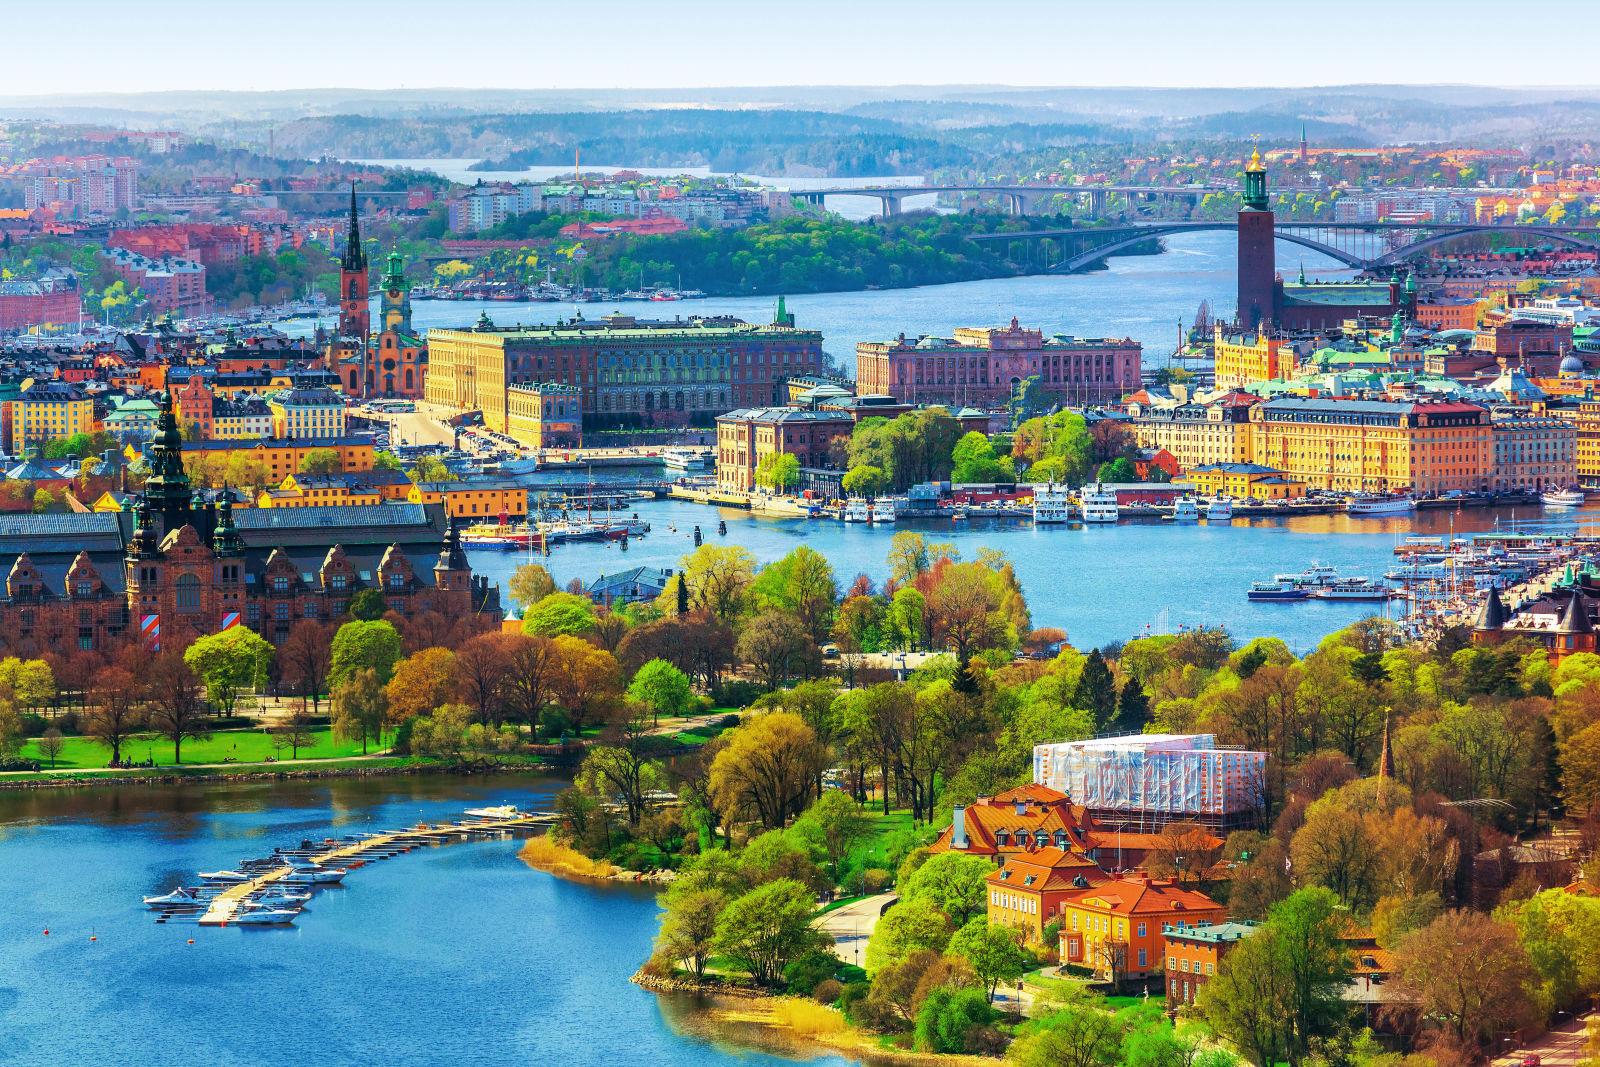 Luftpanorama von Stockholm, Schweden